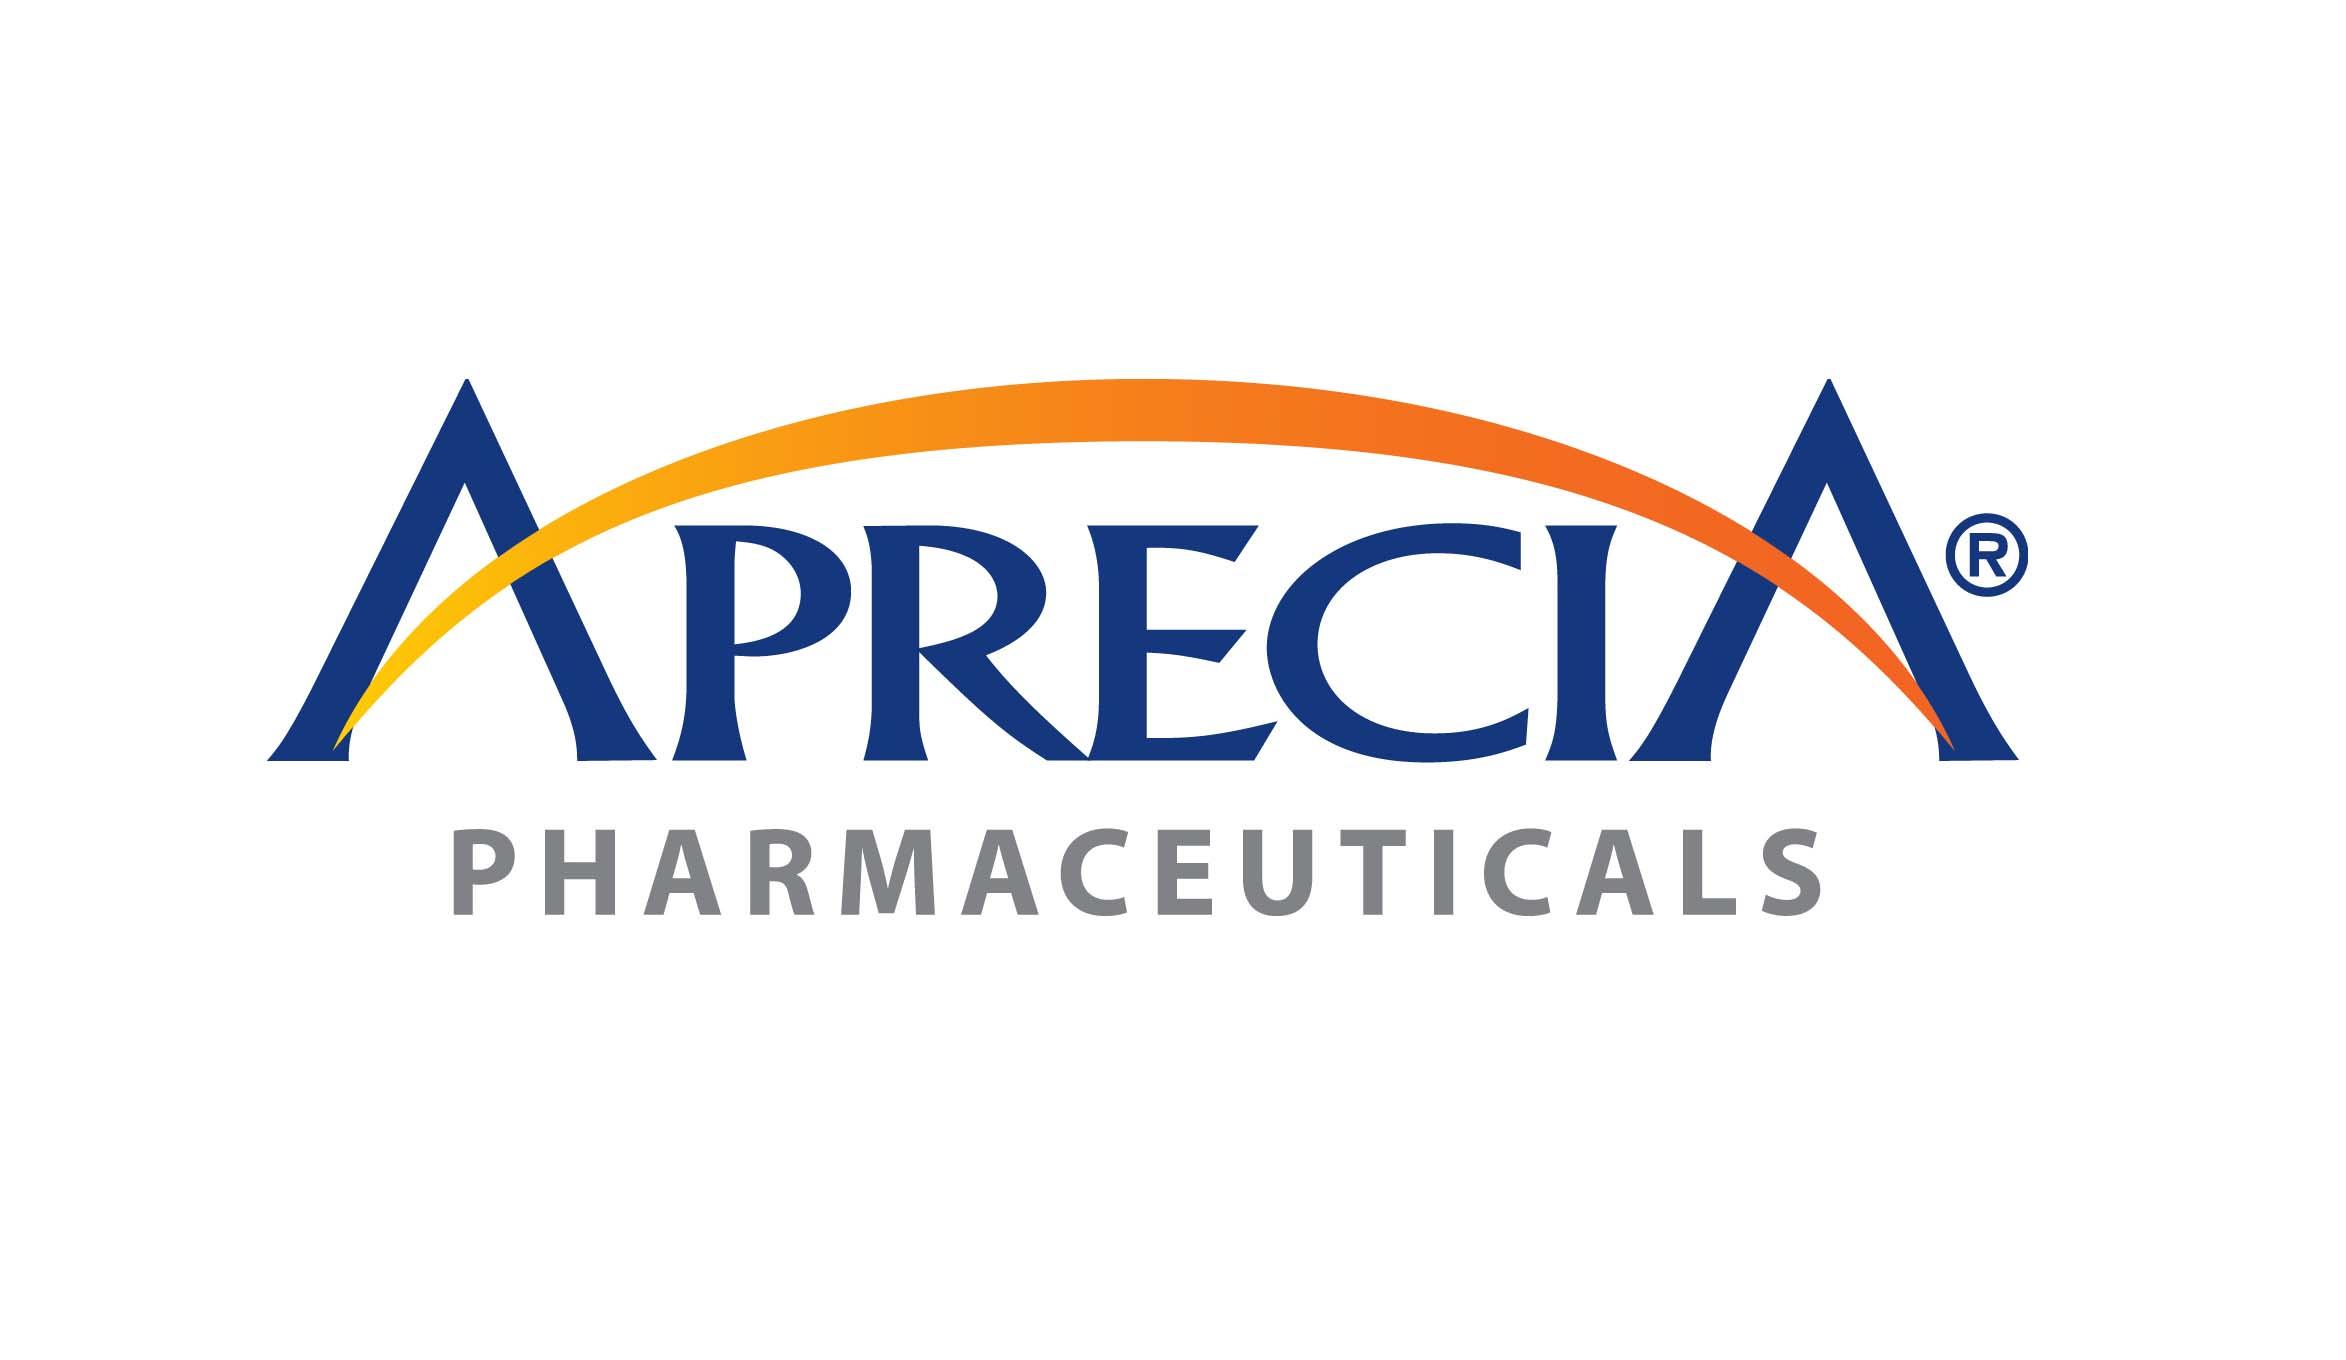 Aprecia Pharmaceuticals corporate logo